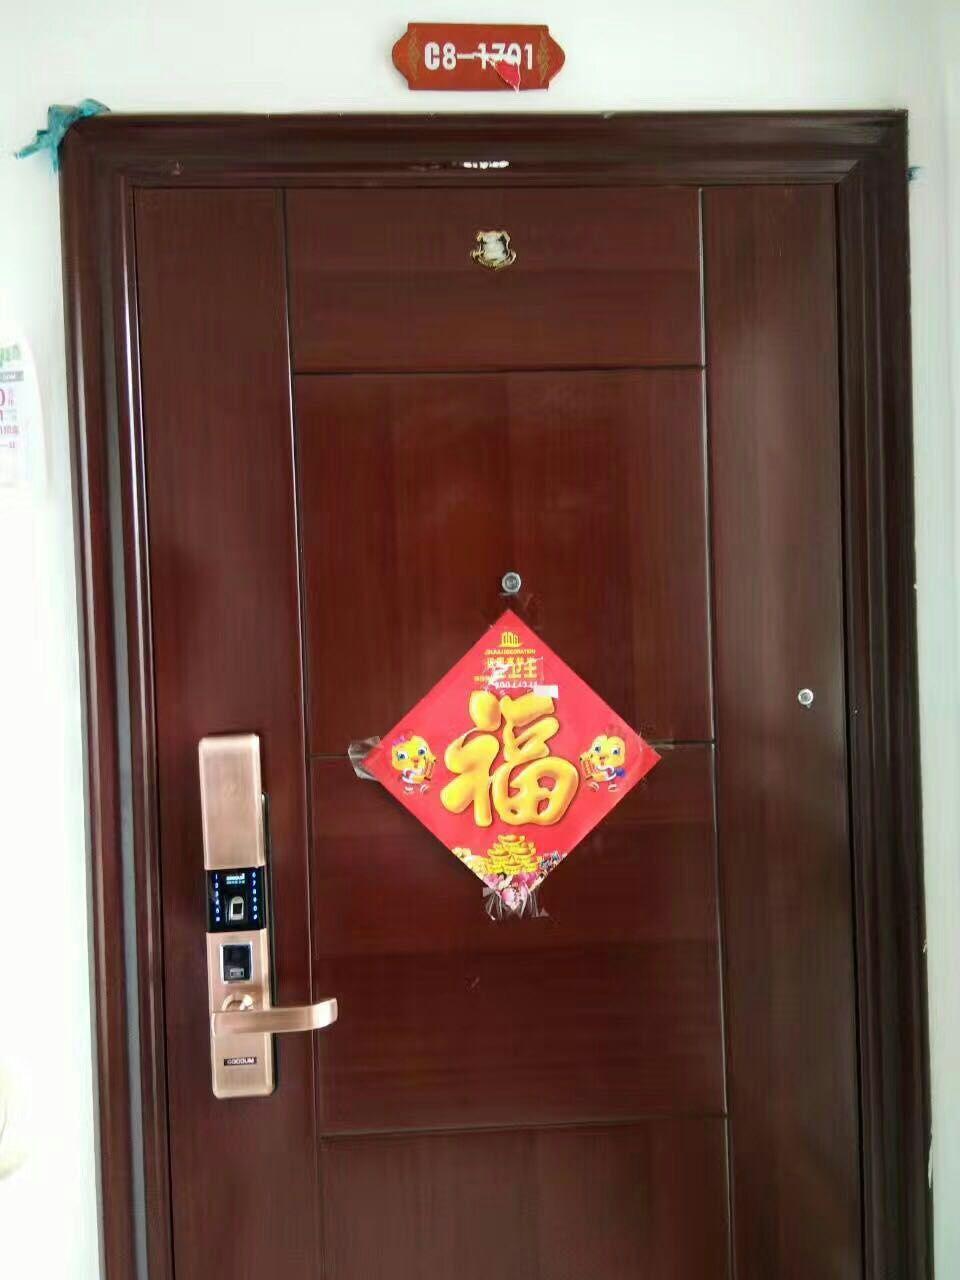 海珠区南洲街换锁换指纹锁电话